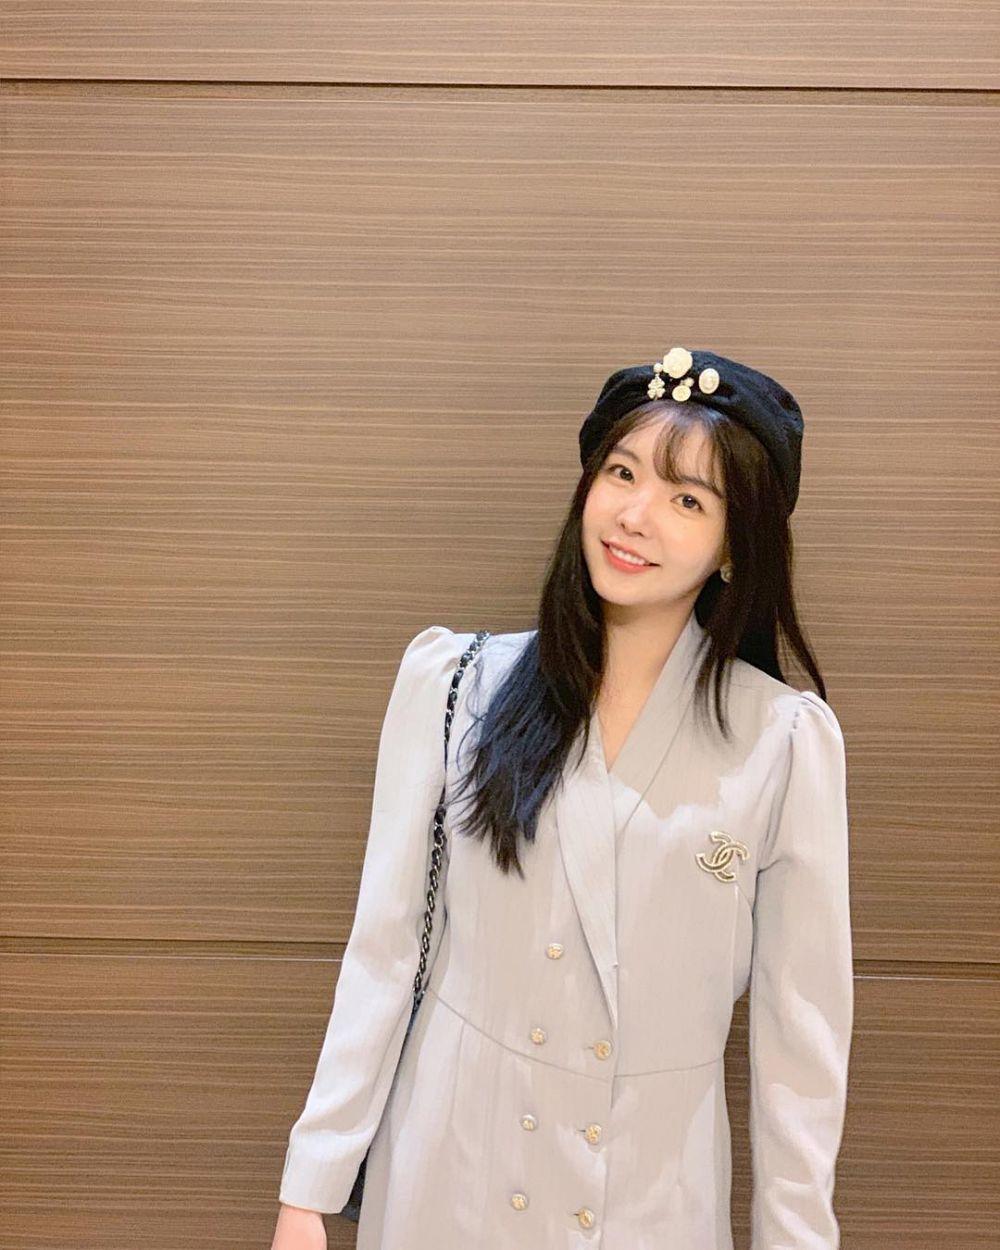 Menolak Tua, 15 Idol Perempuan Ini Bakal Berkepala 3 Tahun 2019 Lho